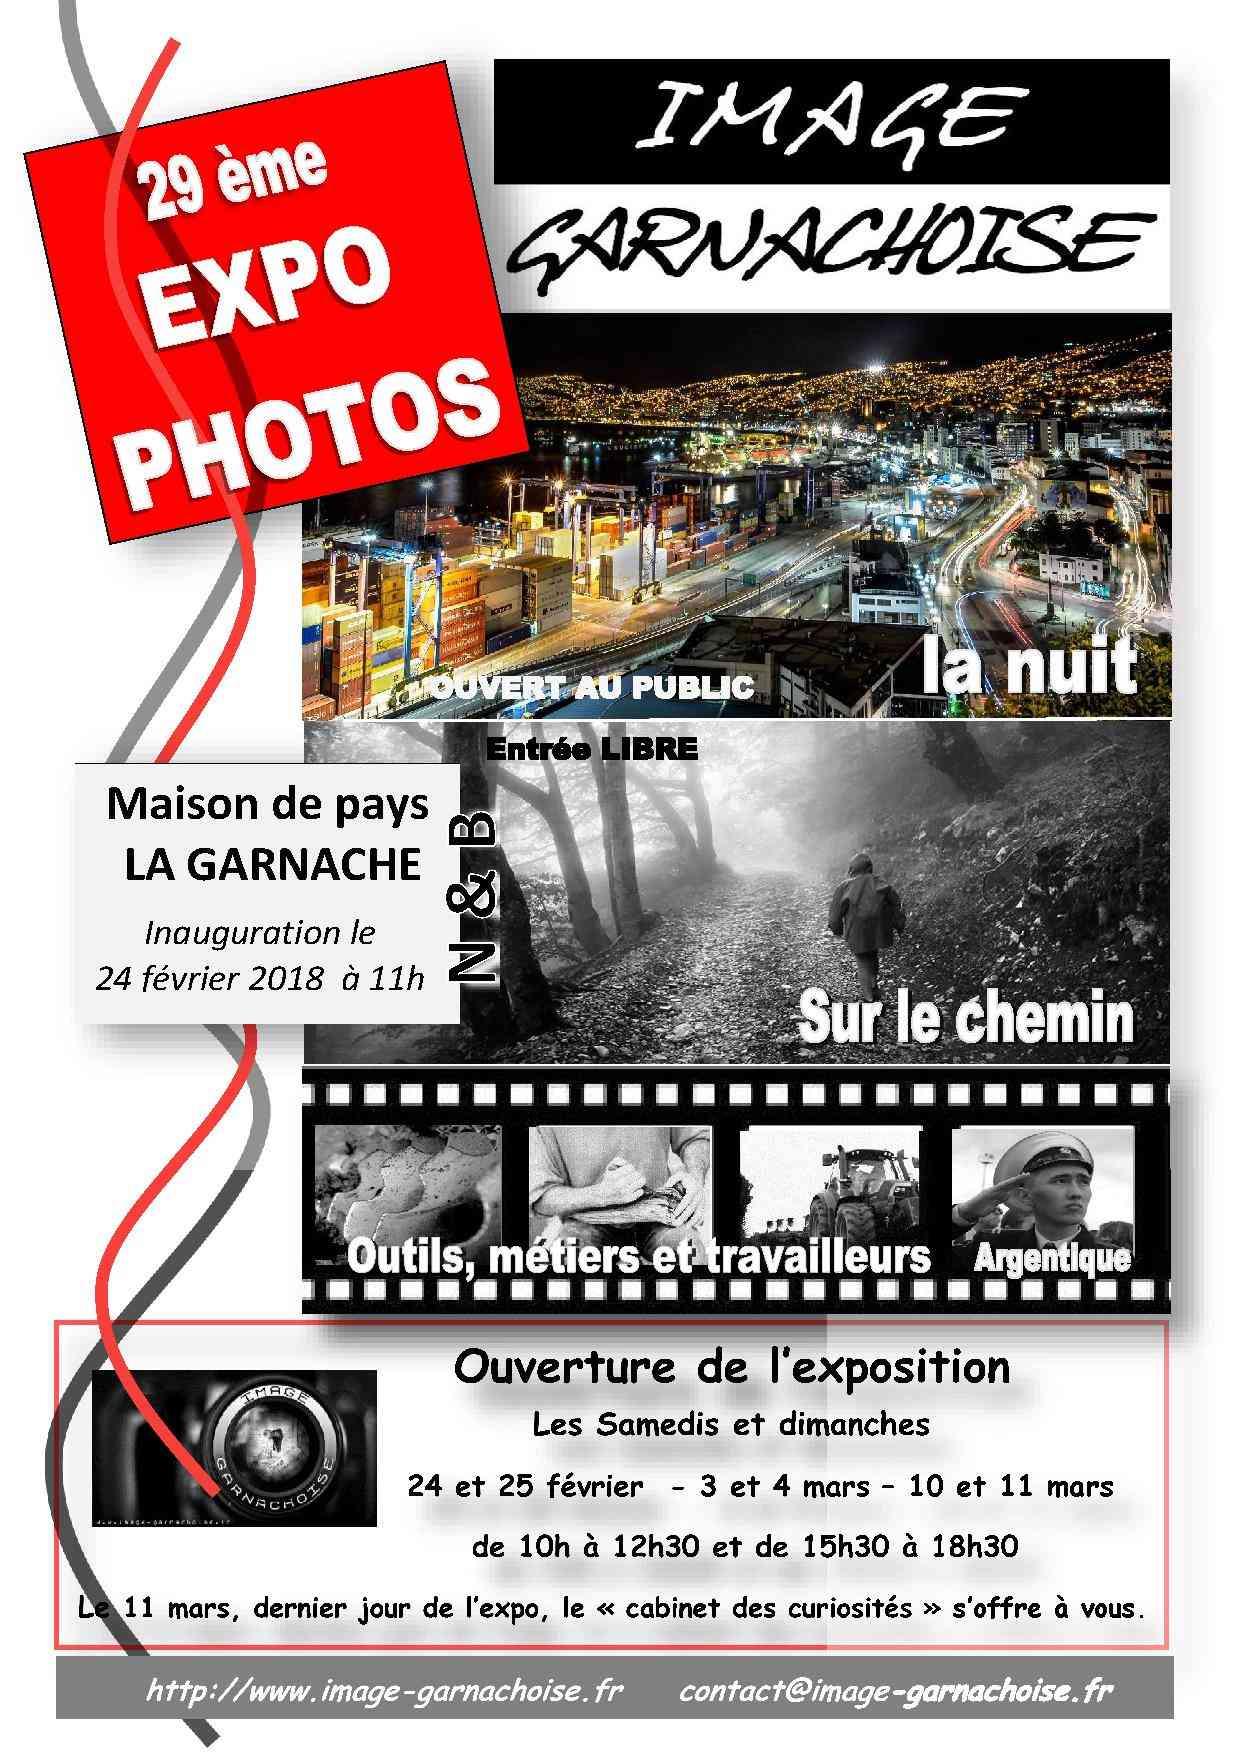 Image garnachoise : 29ème expo Affich10